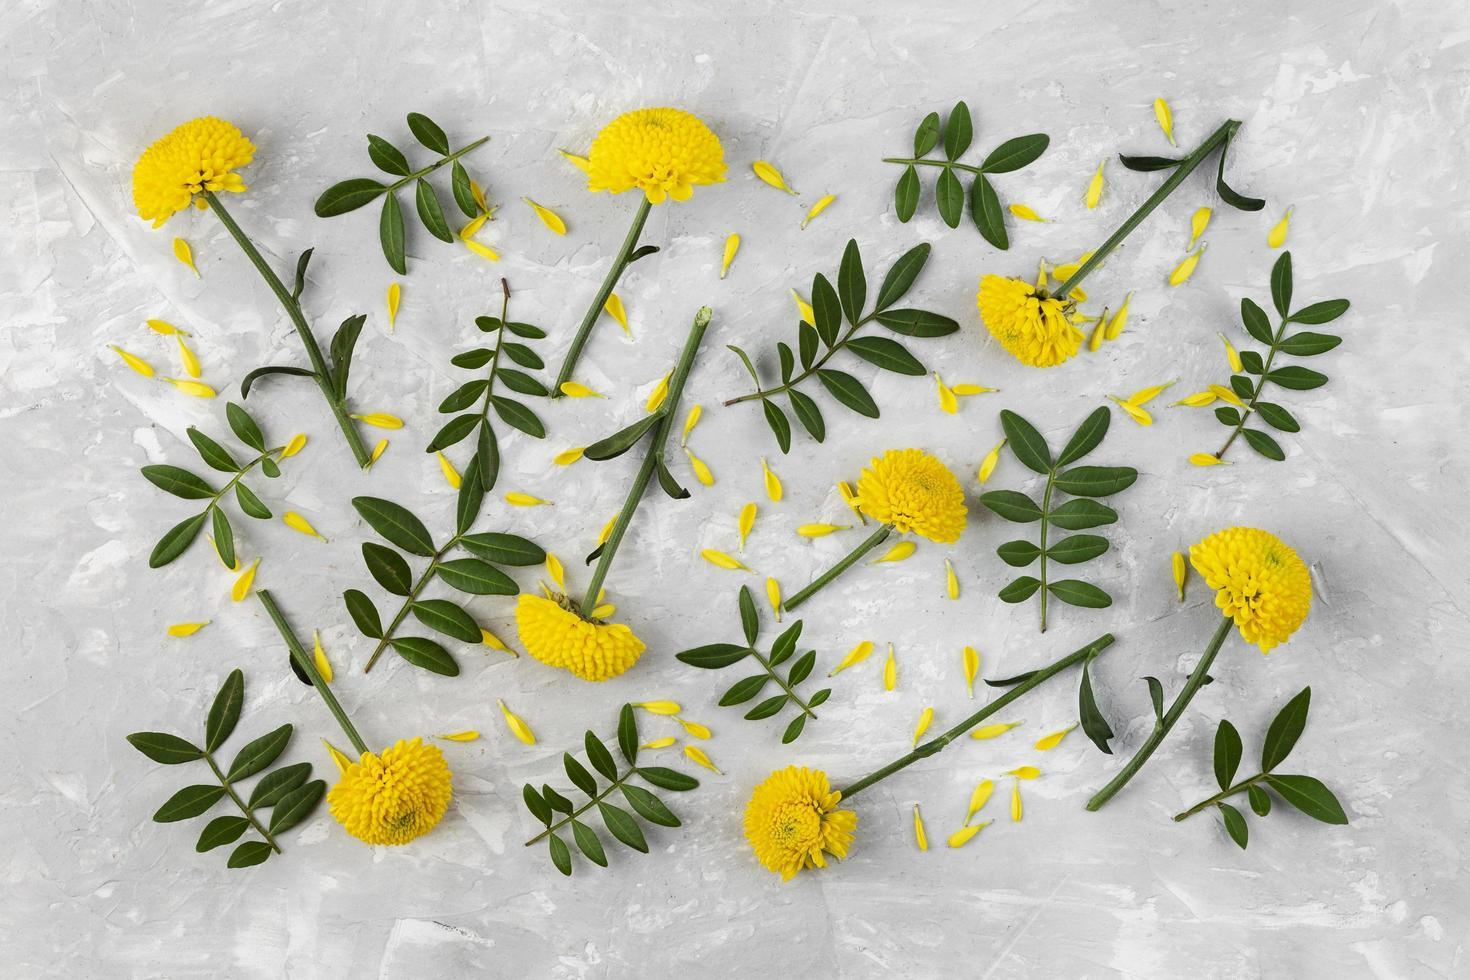 gul blomma platt låg foto